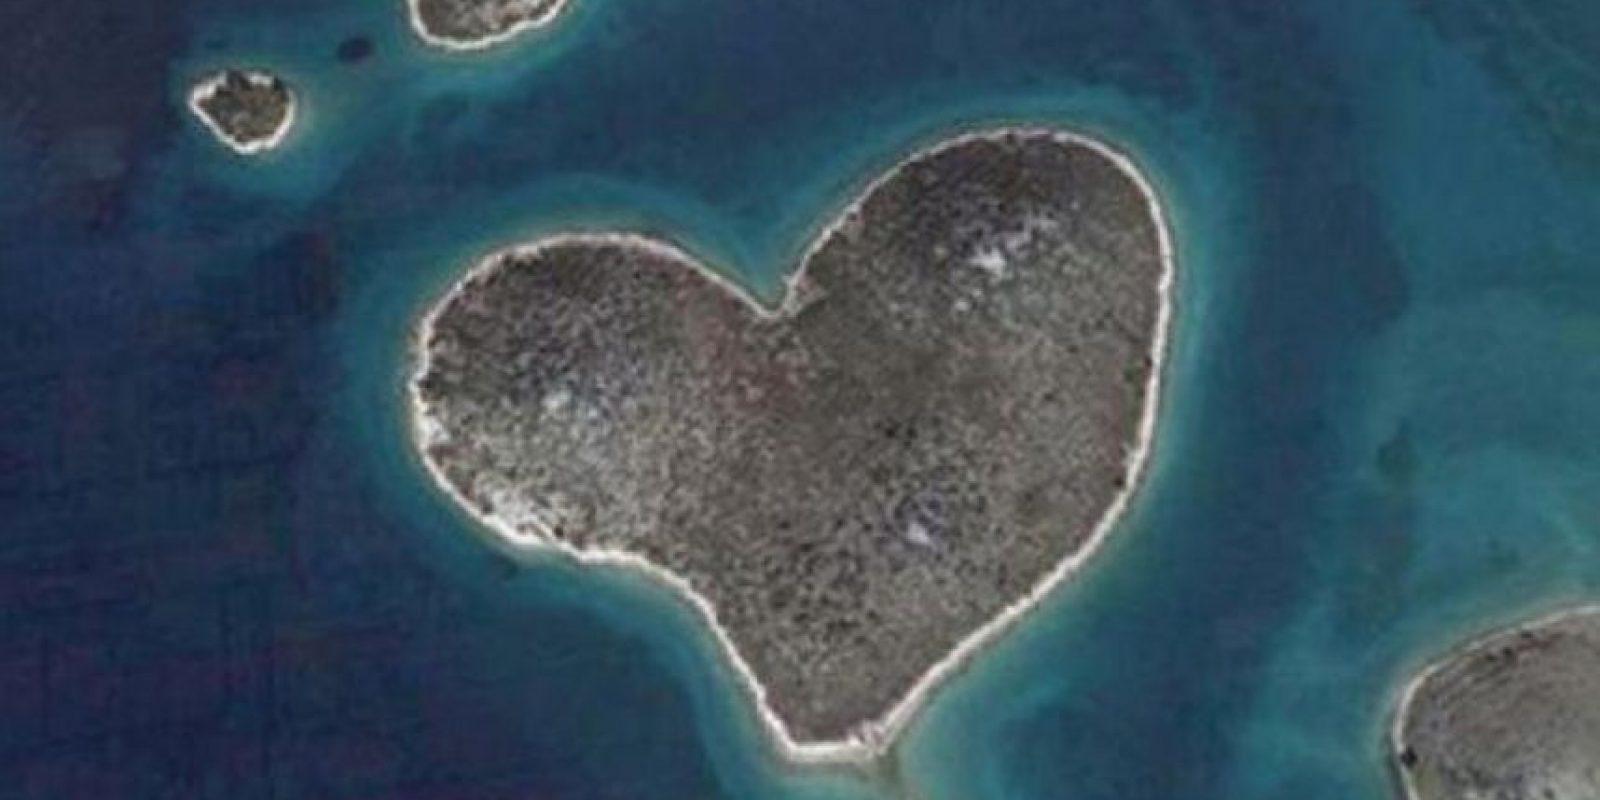 ¿Conocían la isla de Galesnjak, en el mar Adriático? ¡La isla con forma de corazón! Foto:Google Earth